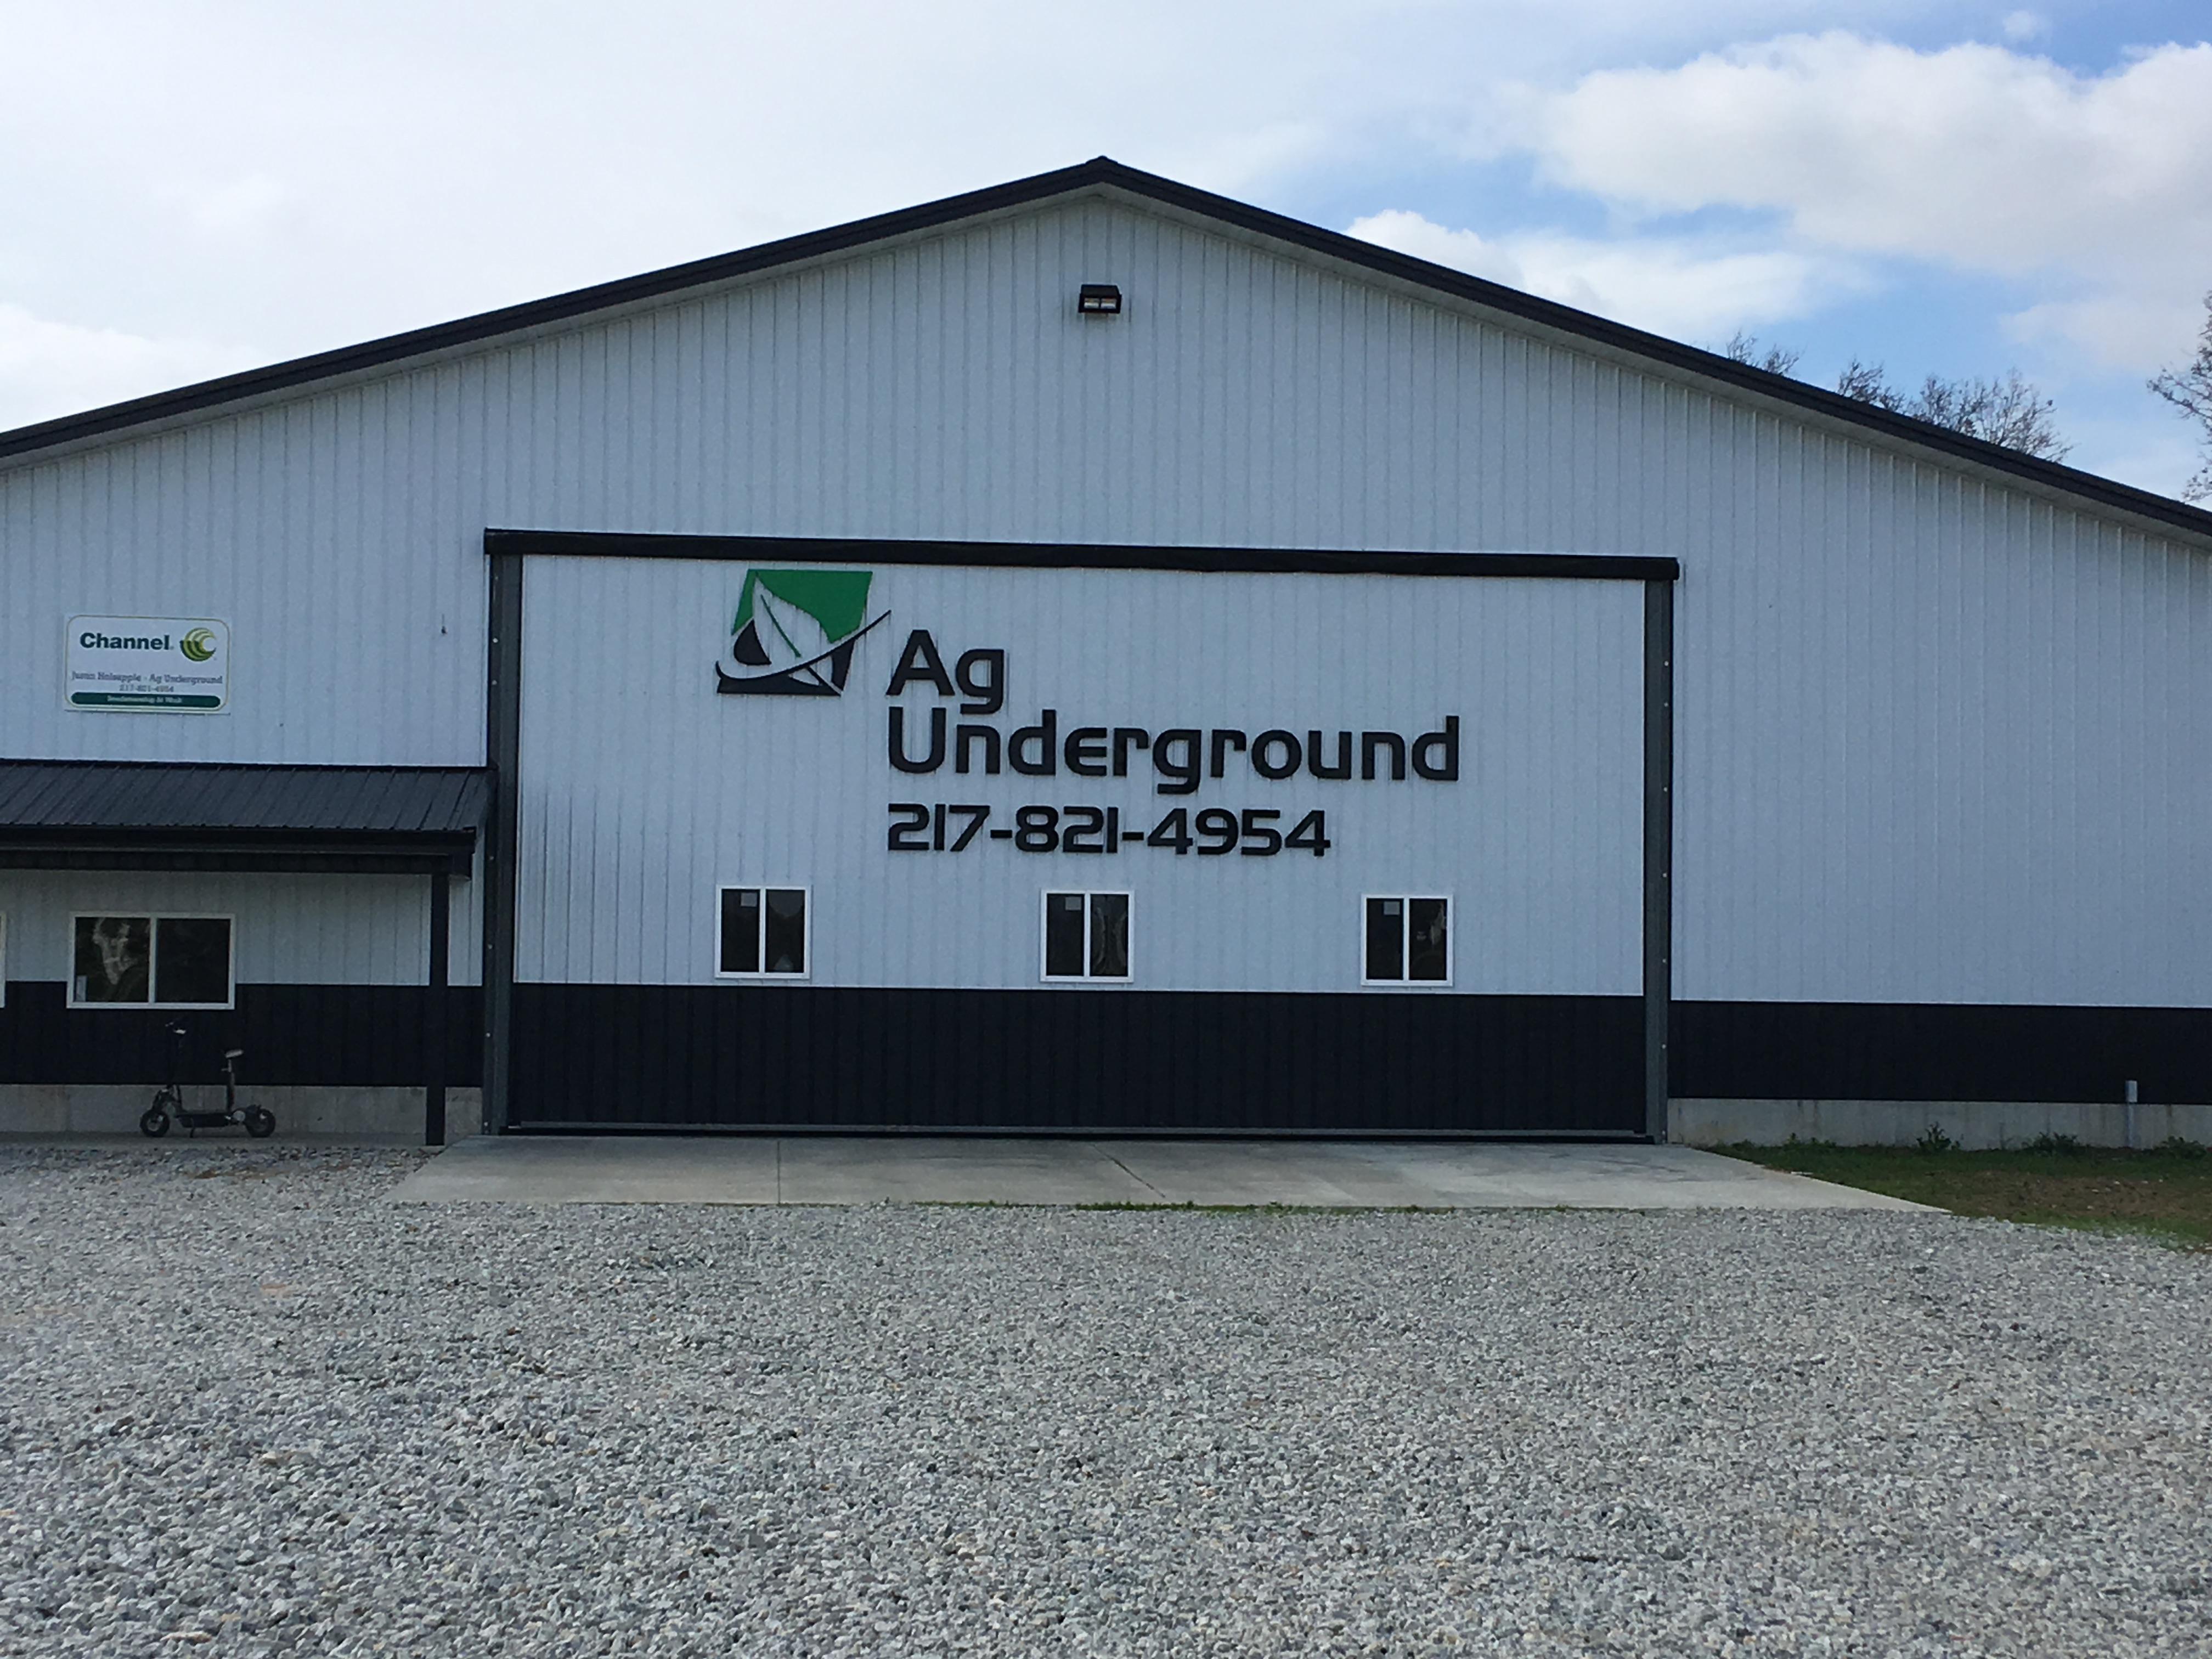 Ag Underground image 1